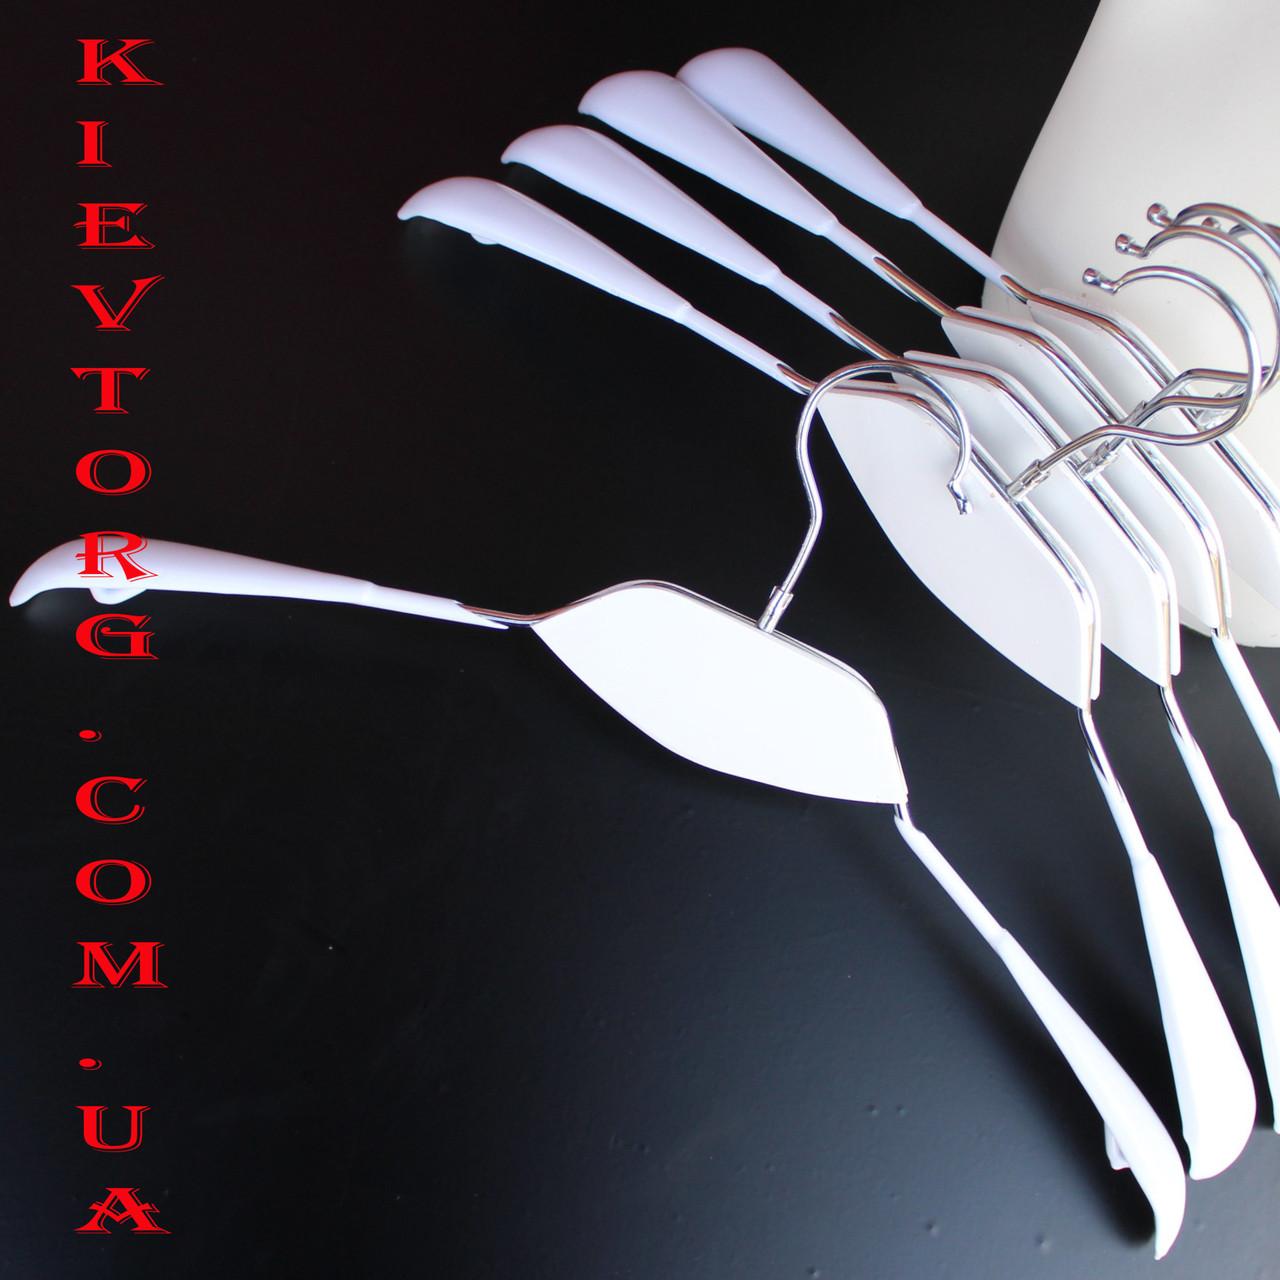 Плечики вешалки металлические с силиконовым покрытием с белой деревянной вставкой, 42 см